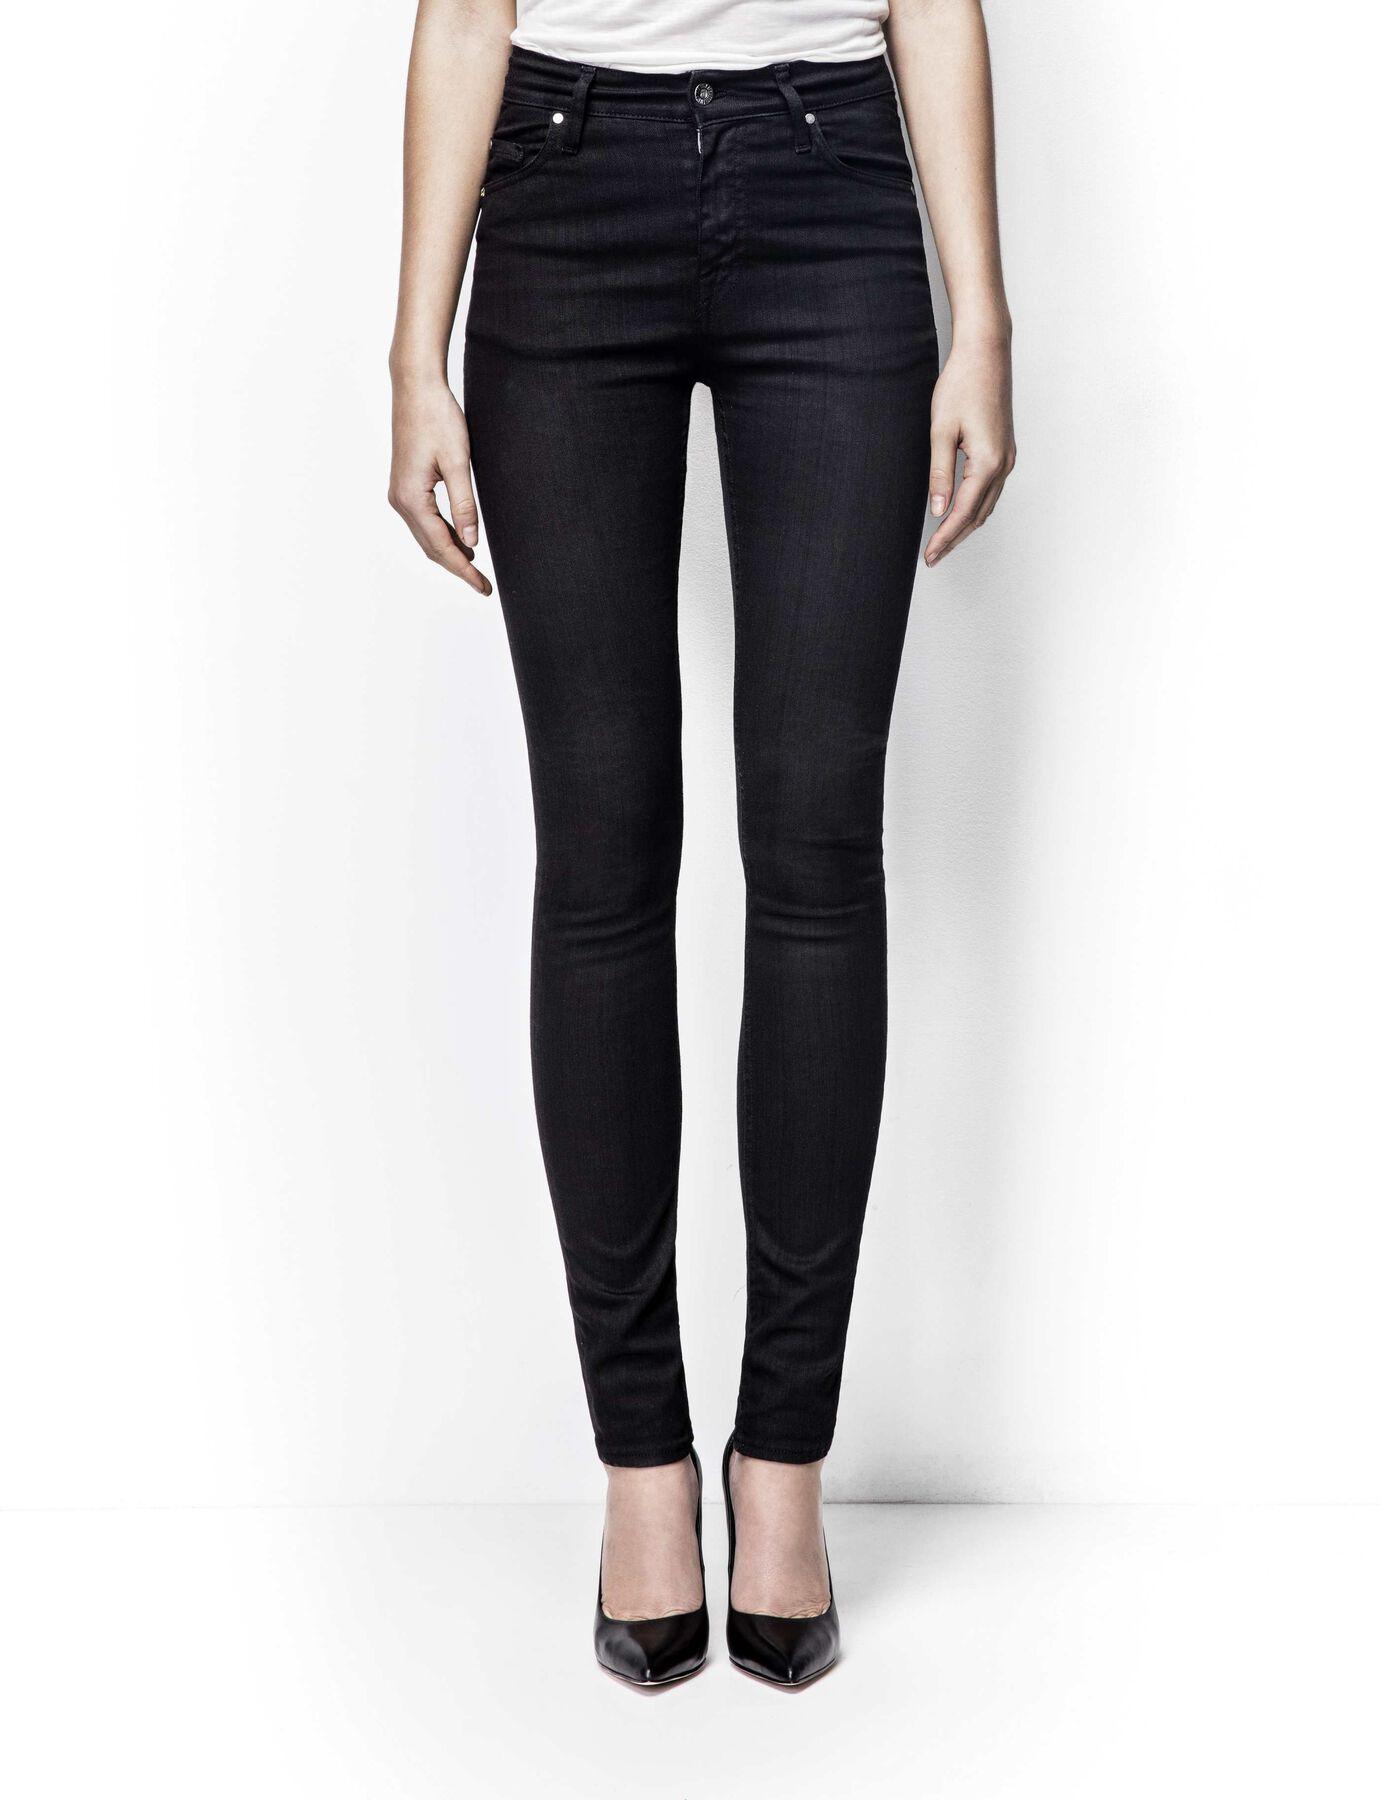 Kelly jeans